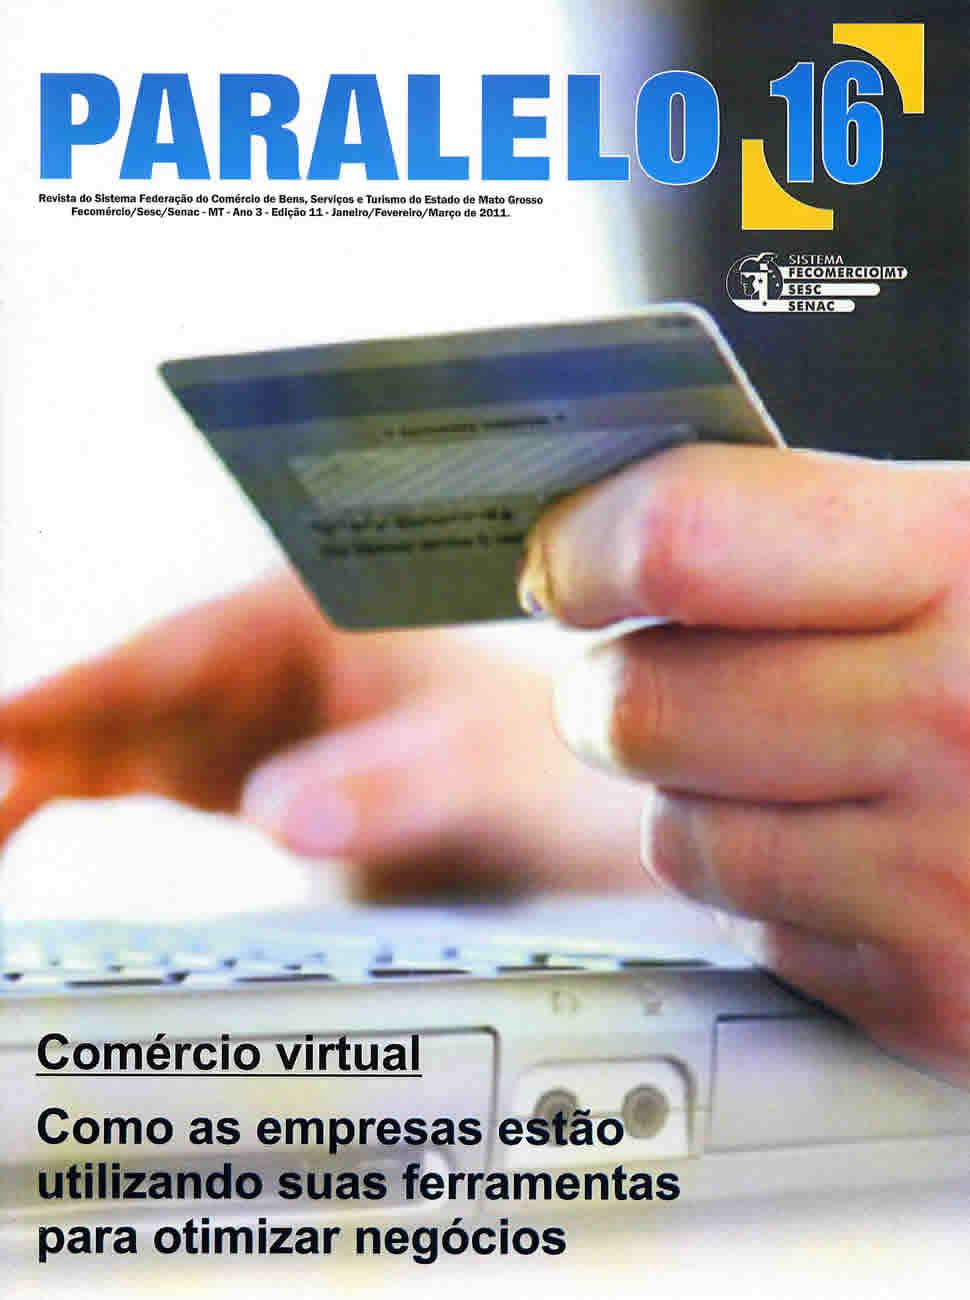 Paralelo 16 - Comércio Virtual